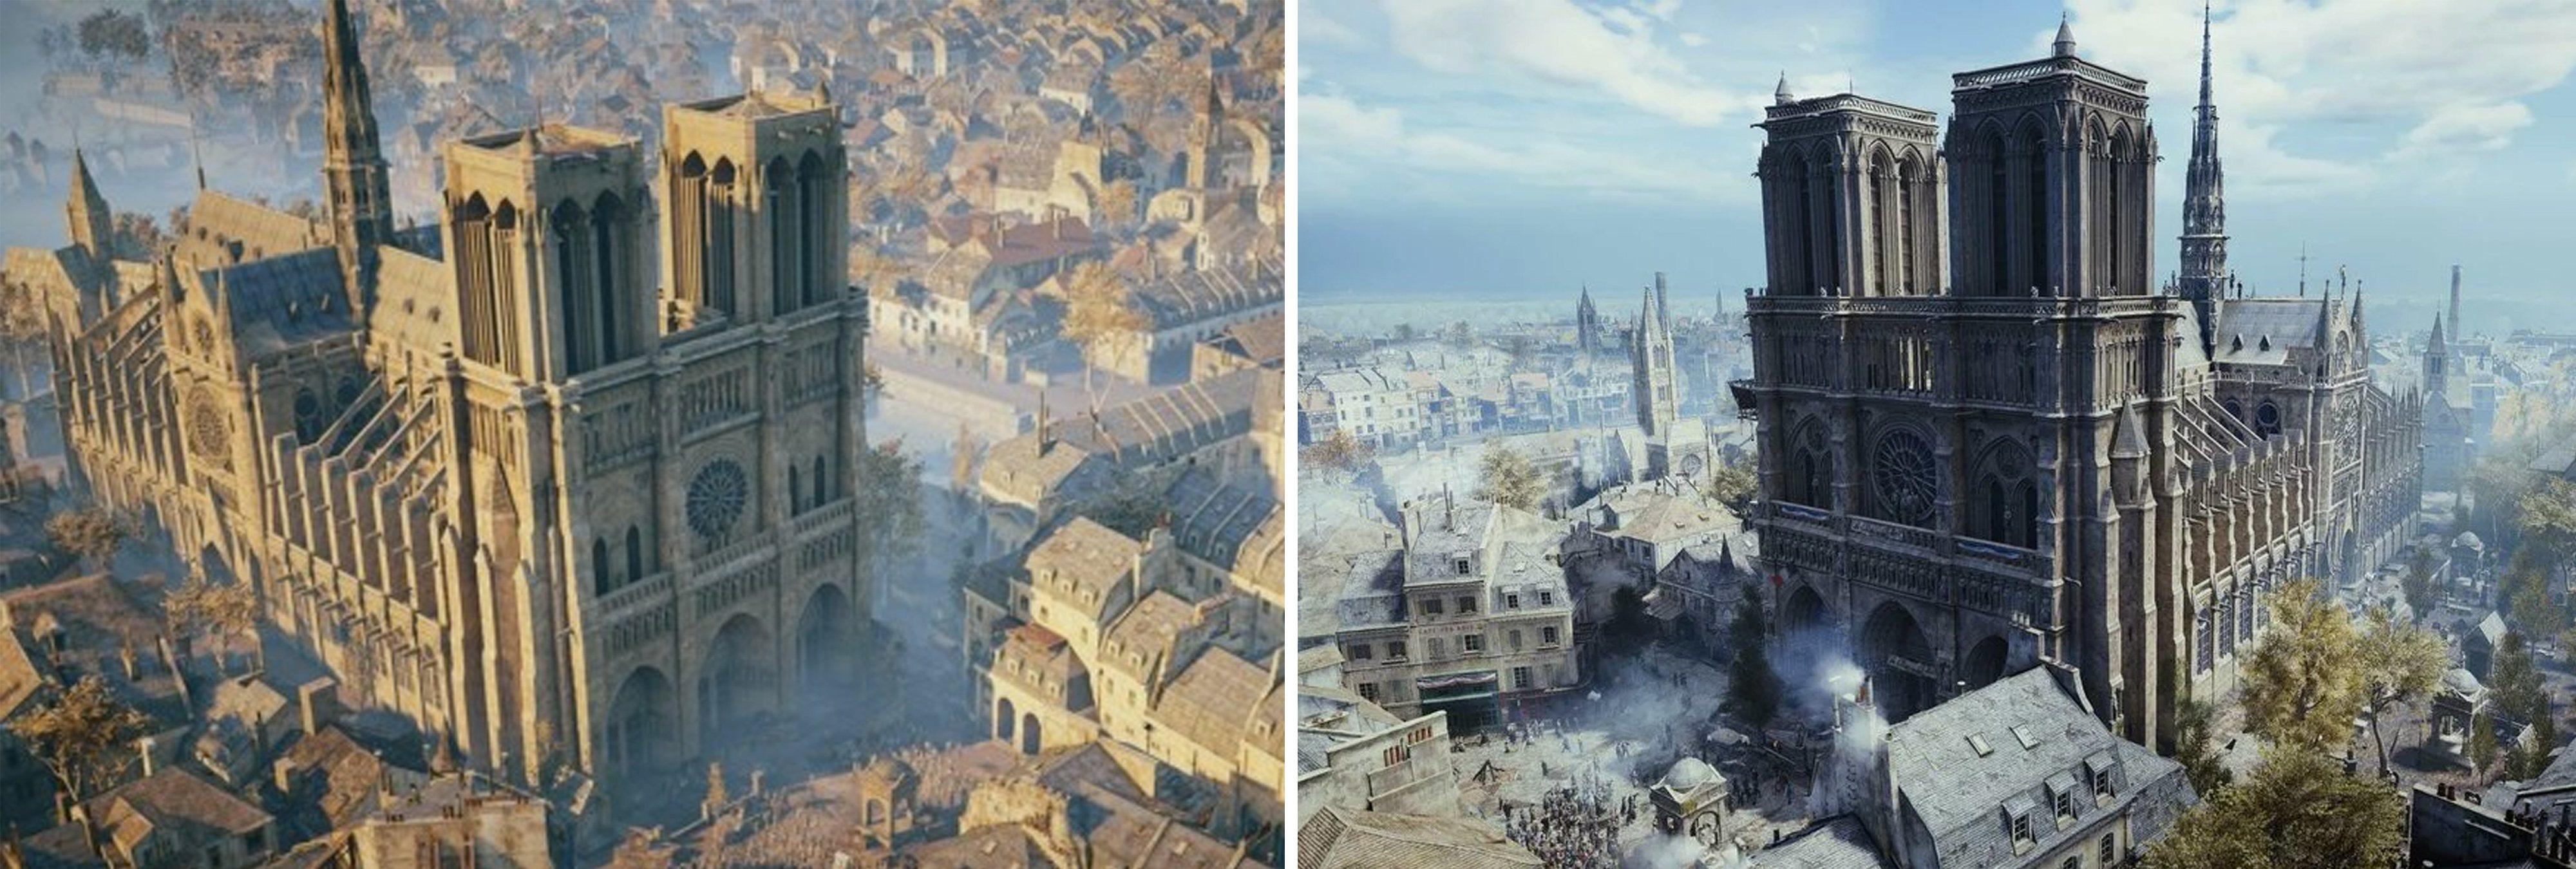 'Assassin's Creed' podría ser clave para reconstruir la catedral de Notre Dame